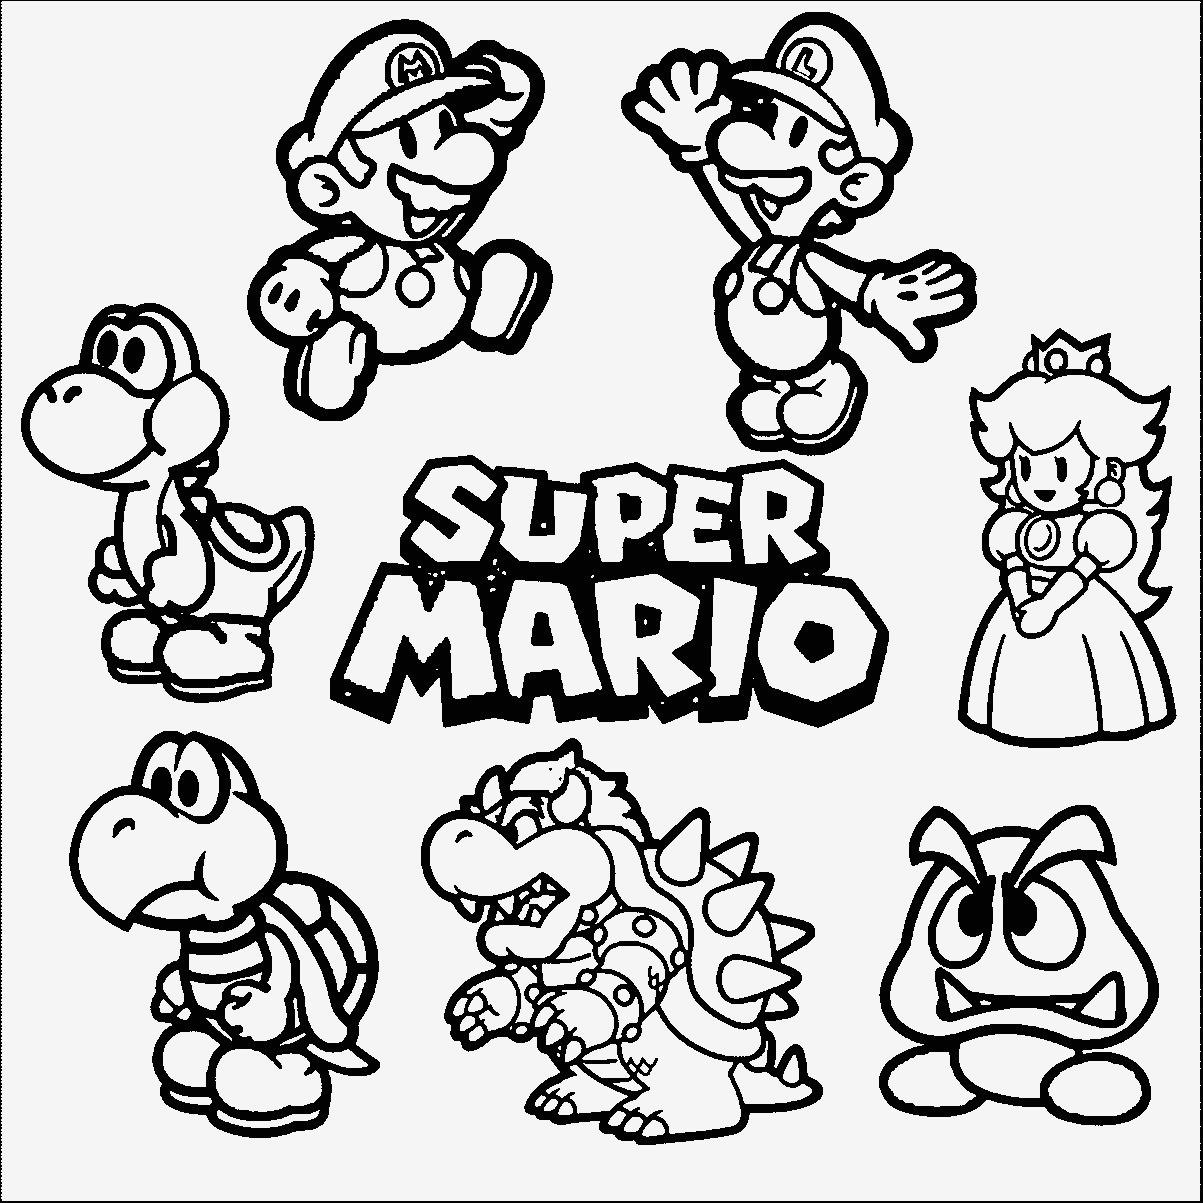 Super Mario Ausmalbilder Neu 45 Inspirierend Malvorlagen Mario Mickeycarrollmunchkin Galerie